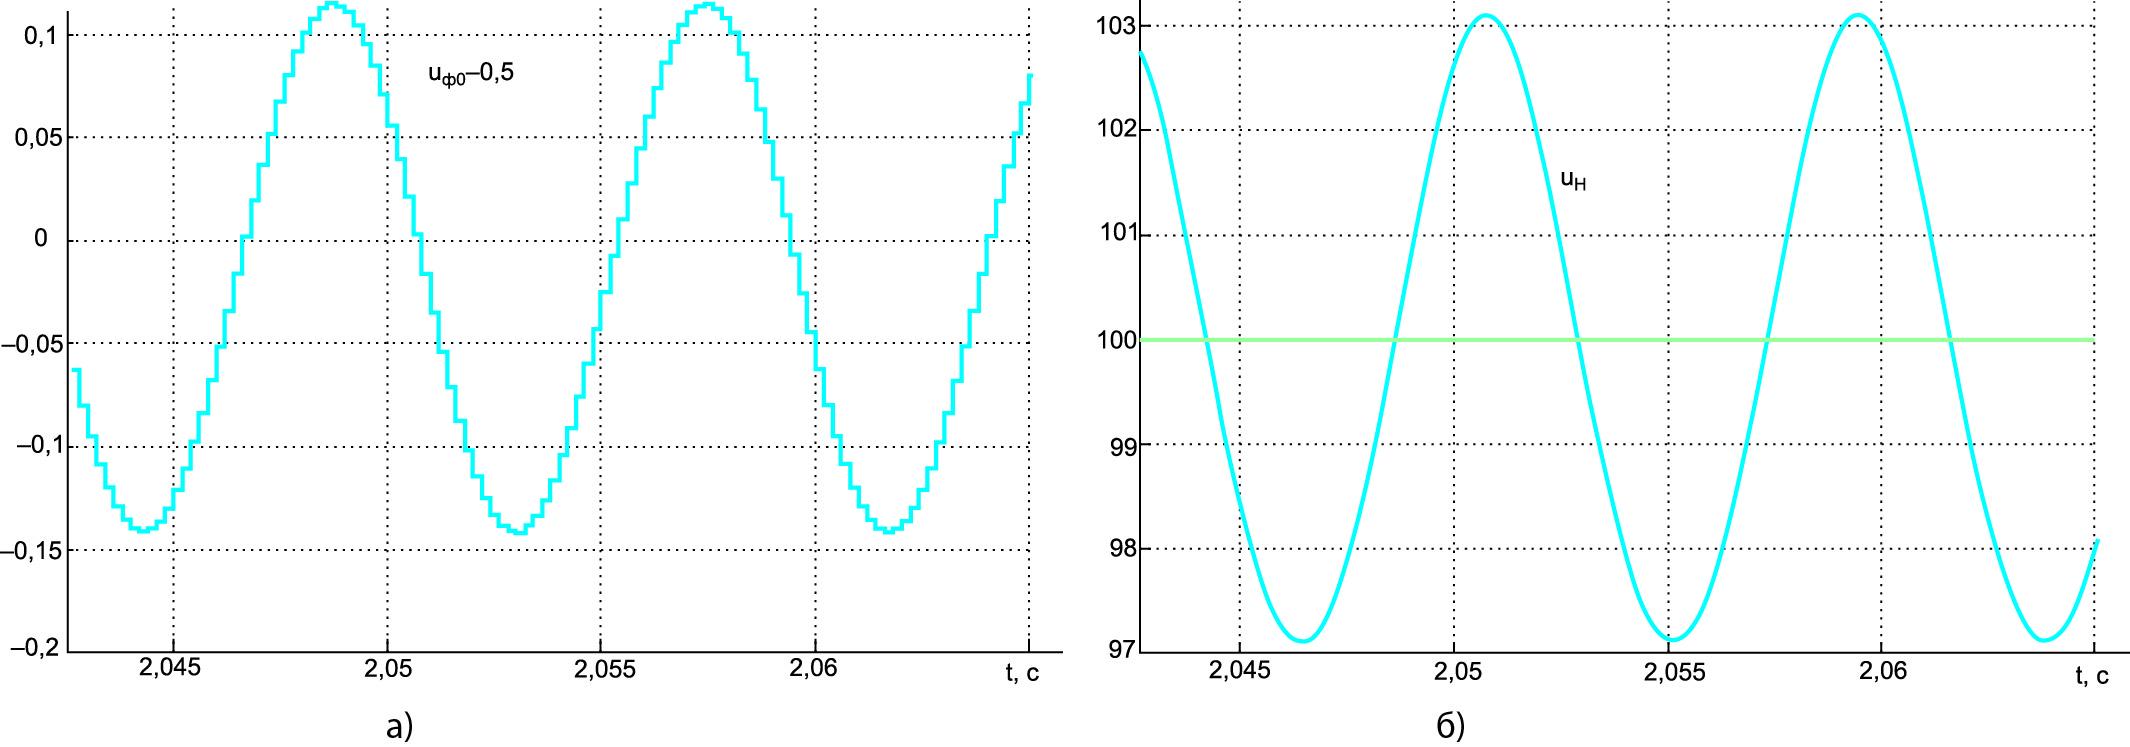 Периодические колебания при k/T = 31